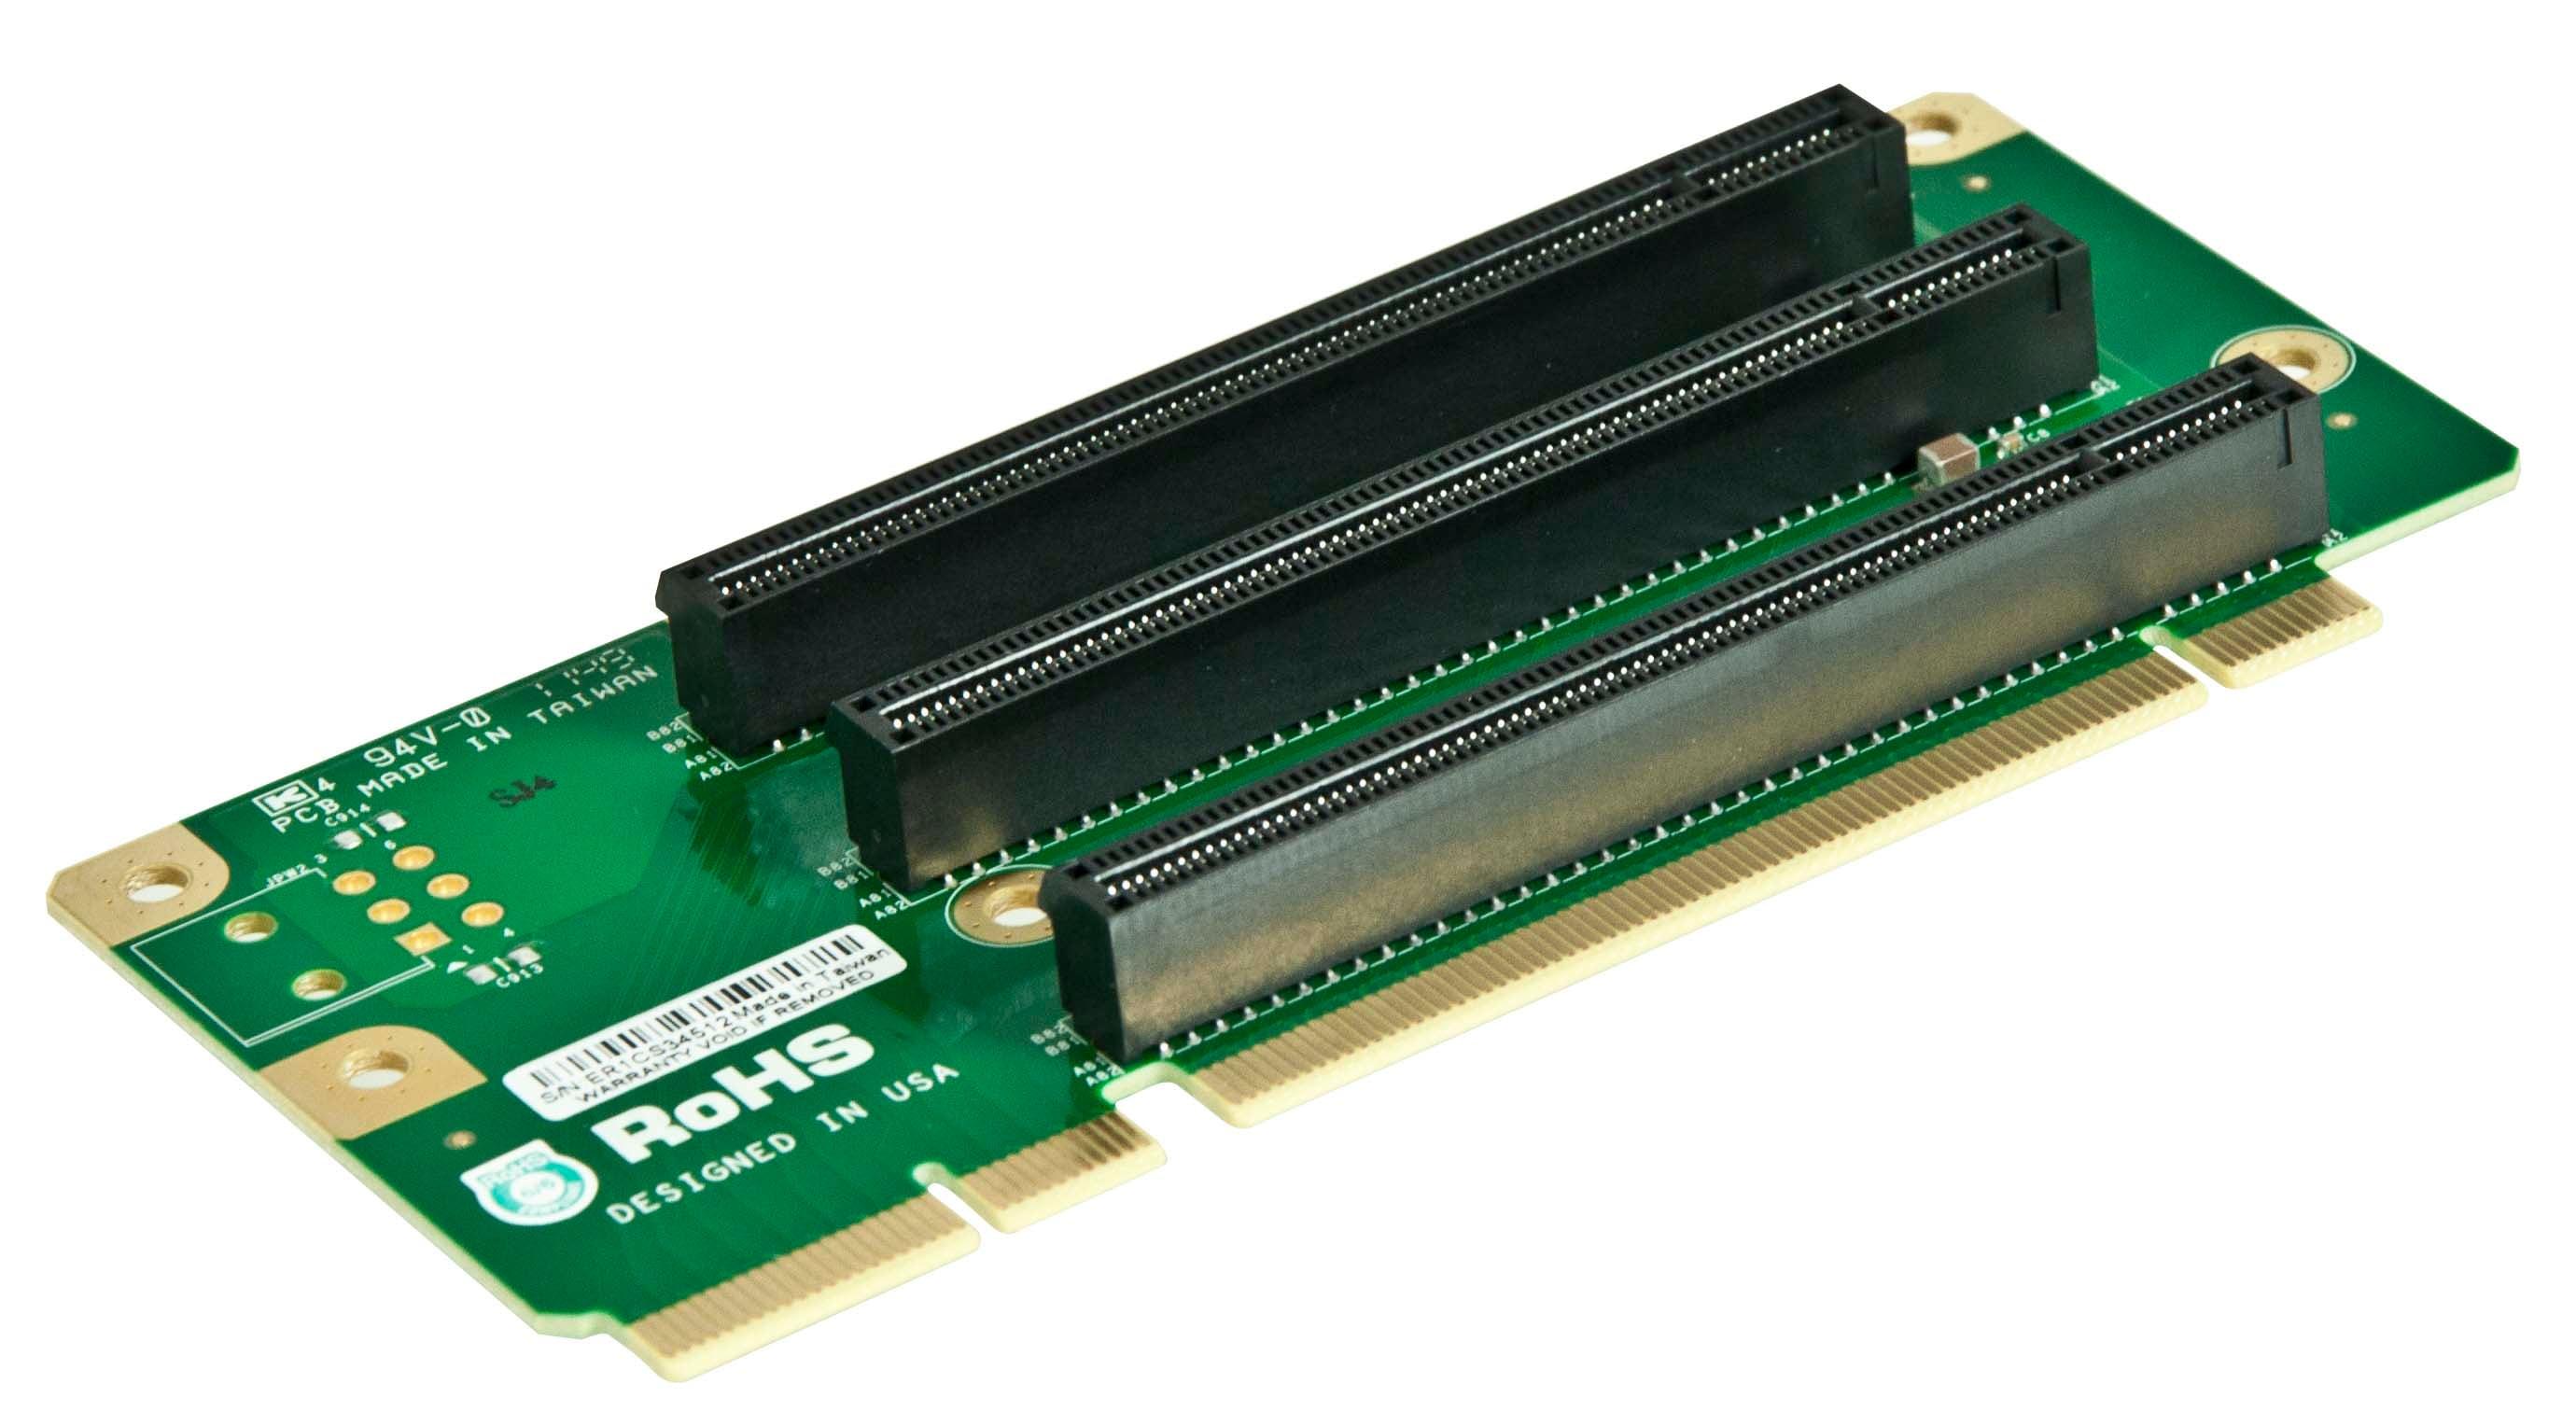 Zdjecie - RSC-R2UT-3E8R - Supermicro